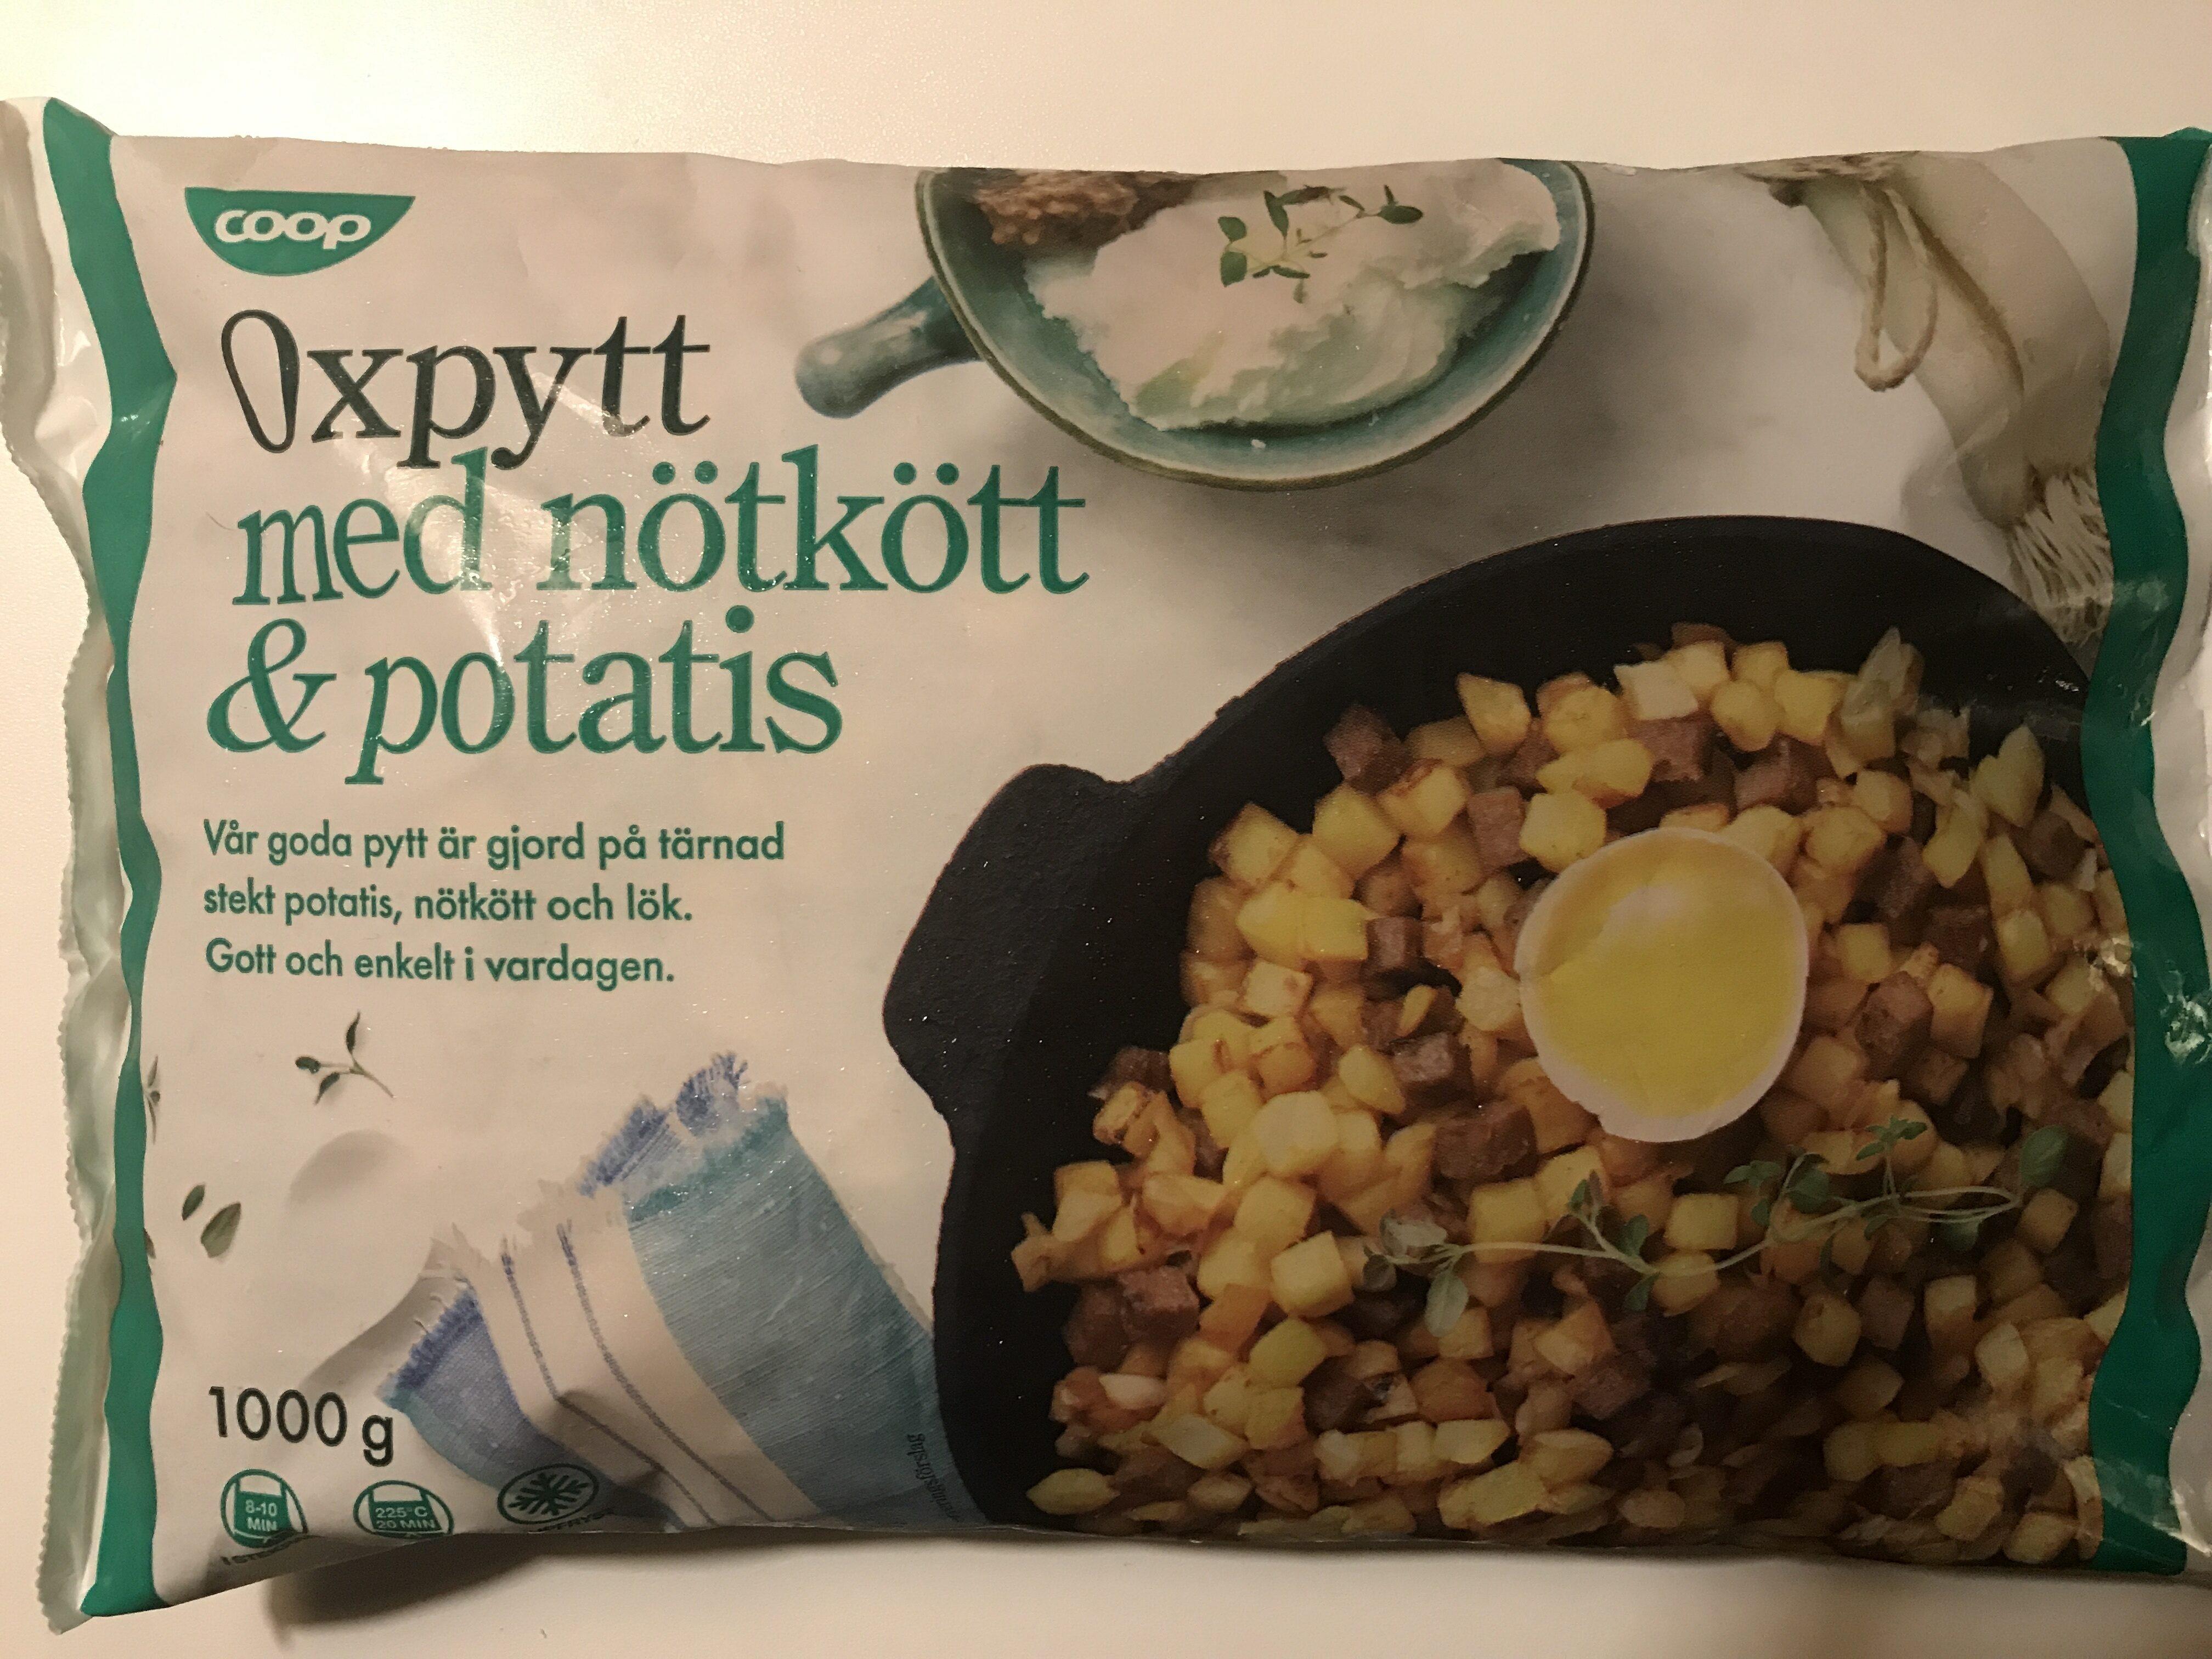 Coop Oxpytt med nötkött & potatis - Produit - sv